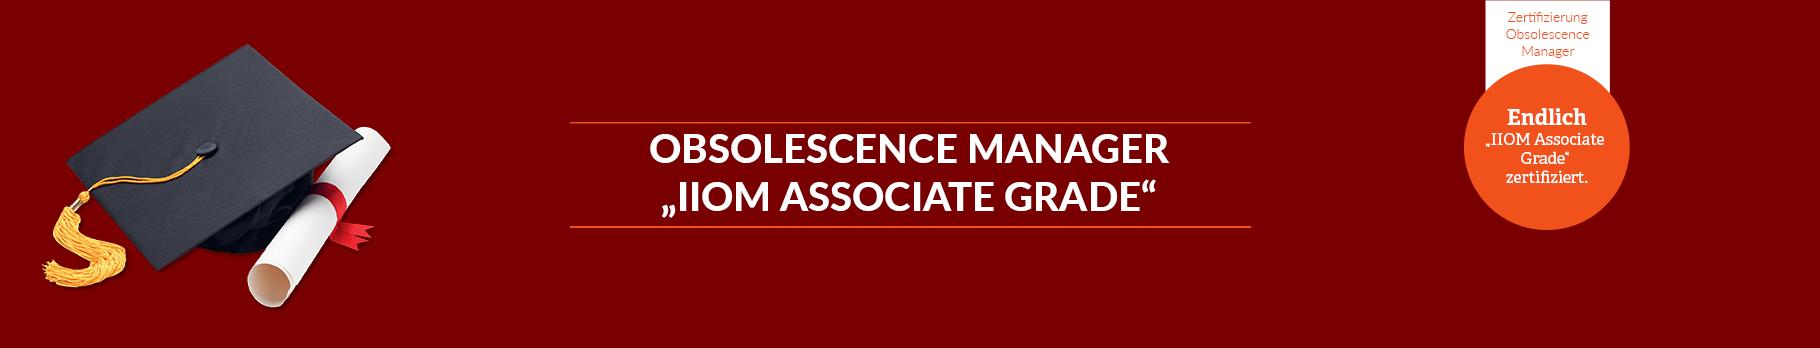 """Obsolescence Manager """"IIOM Zertifizierung"""""""